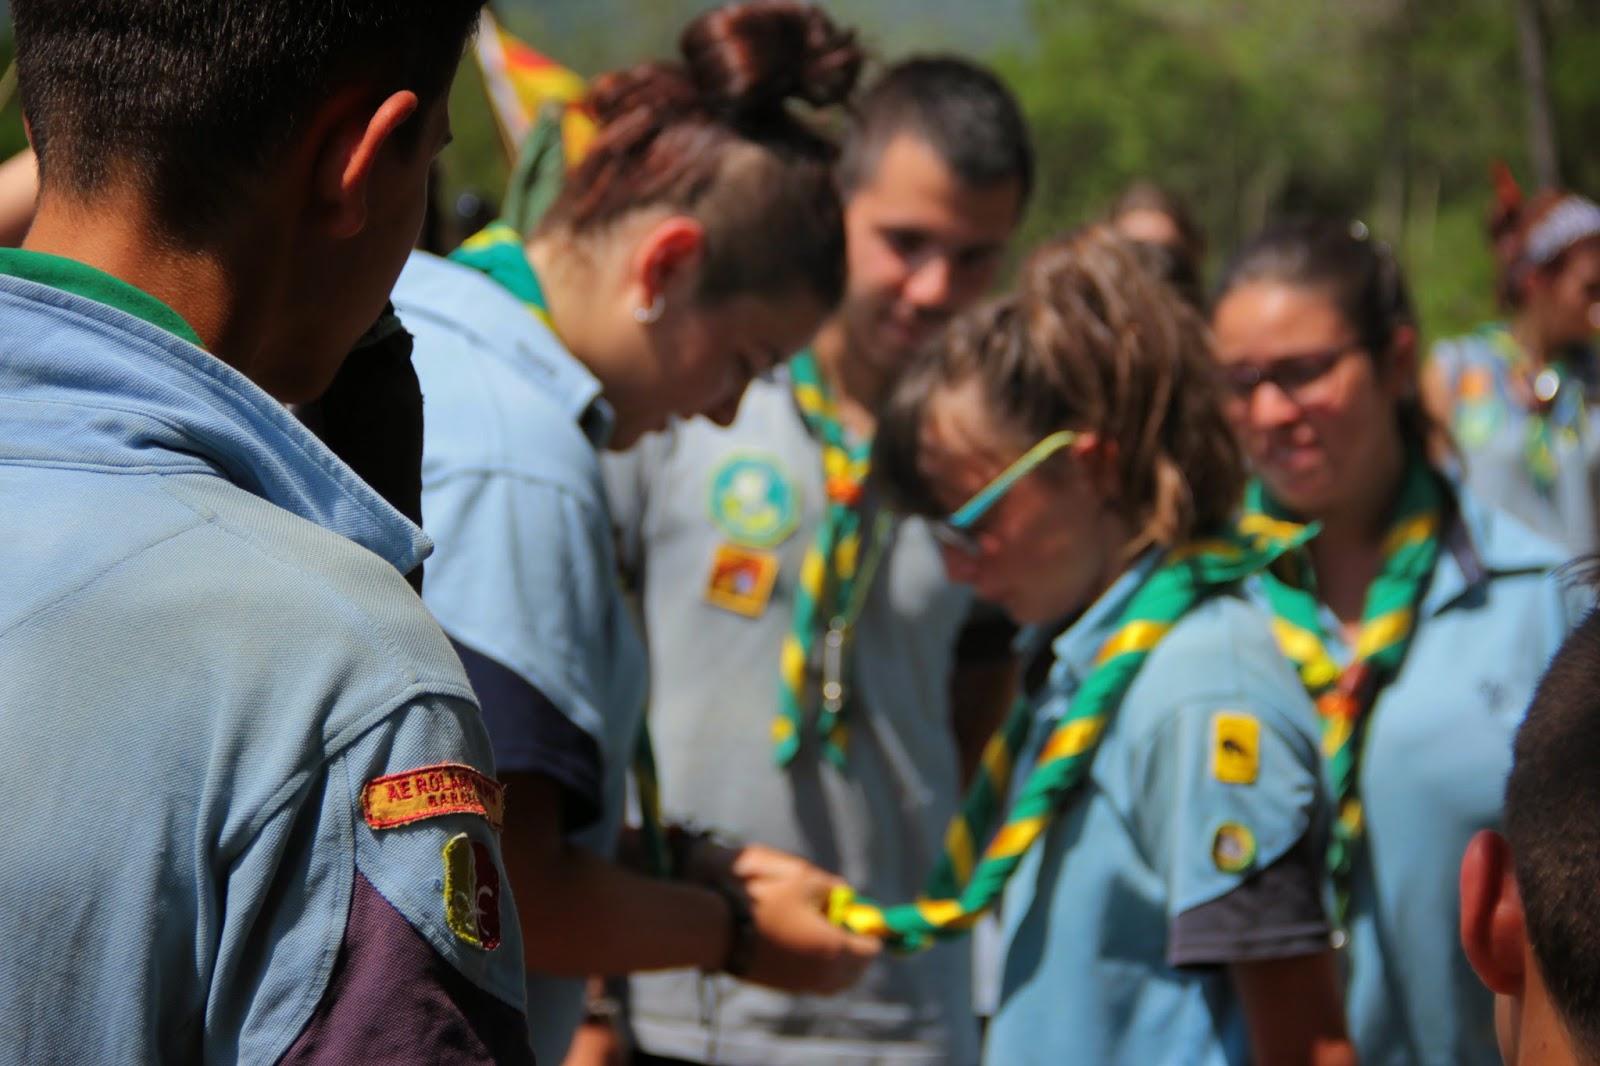 Campaments Estiu Cabanelles 2014 - IMG_1726.JPG